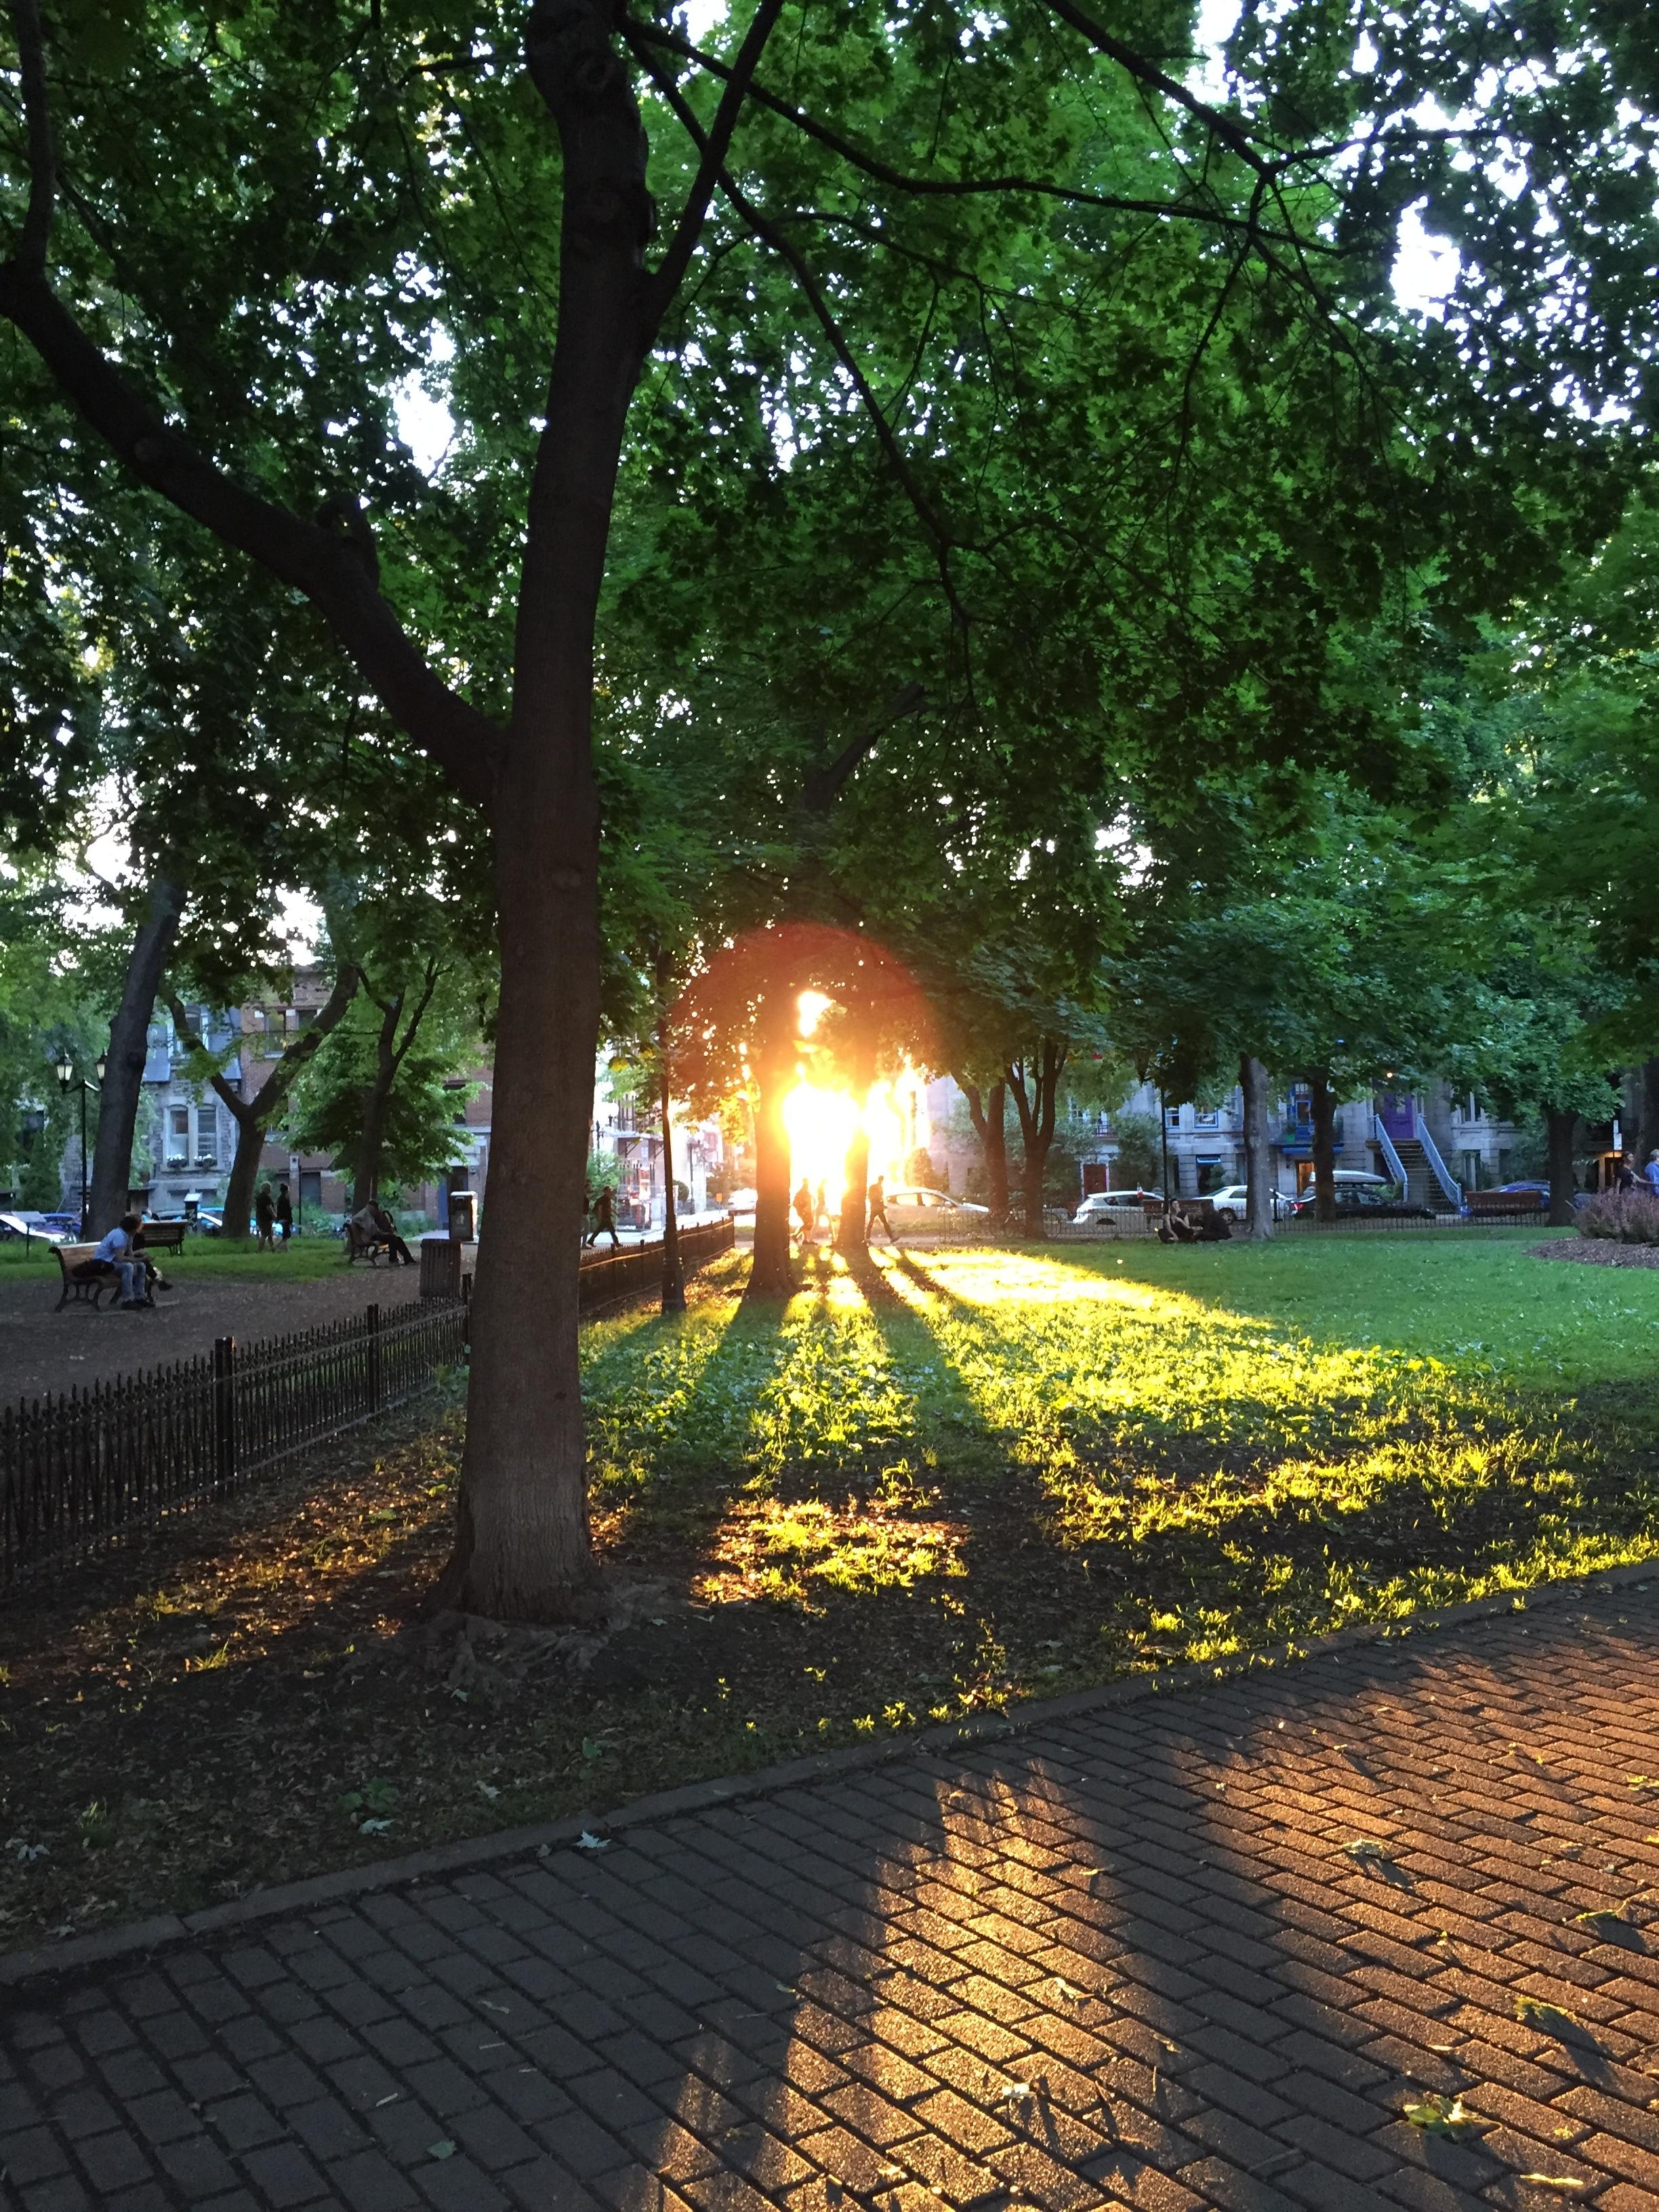 Lever de soleil. Les rayons se faufilent parmi les arbres du parc. Des passants marchent. Silhouettes à contre-jour. Montréal, Square Saint-Louis.